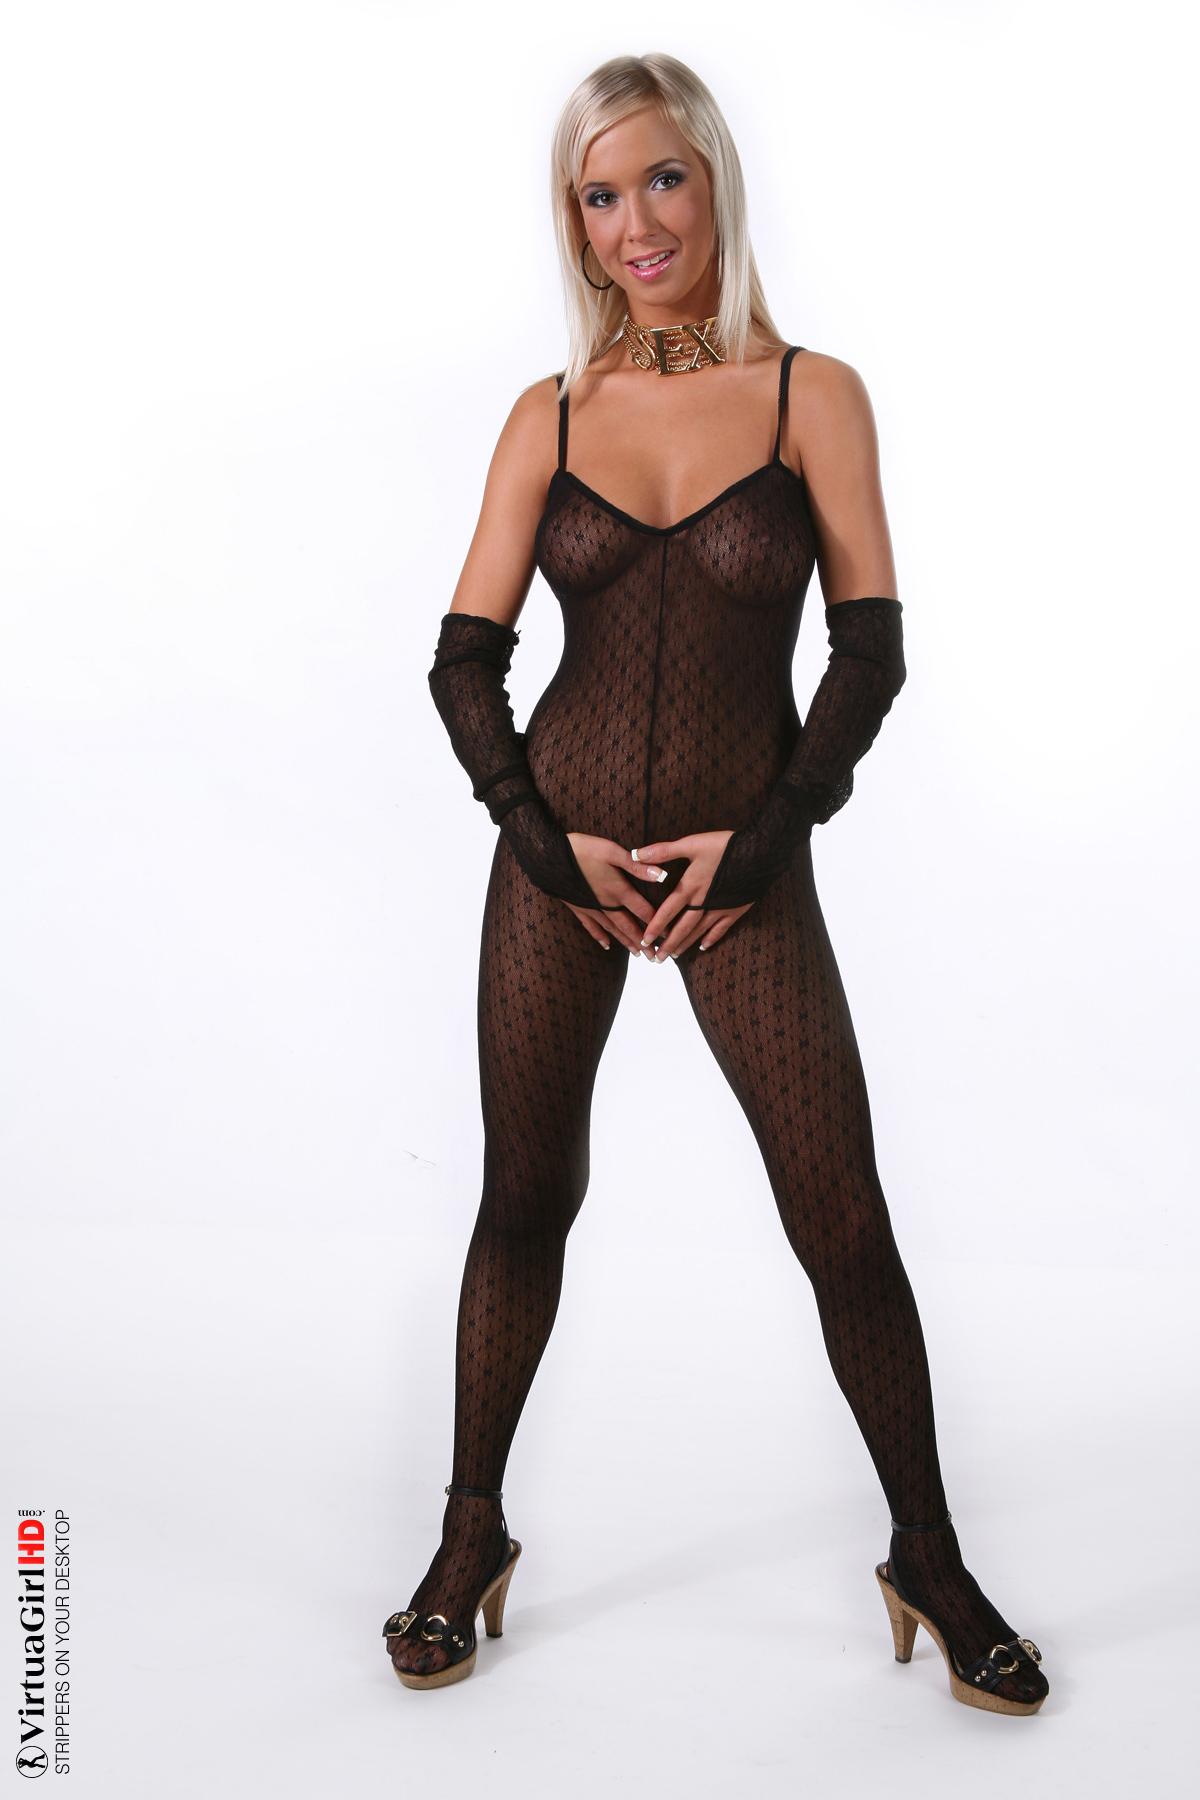 naked girls stripping gif